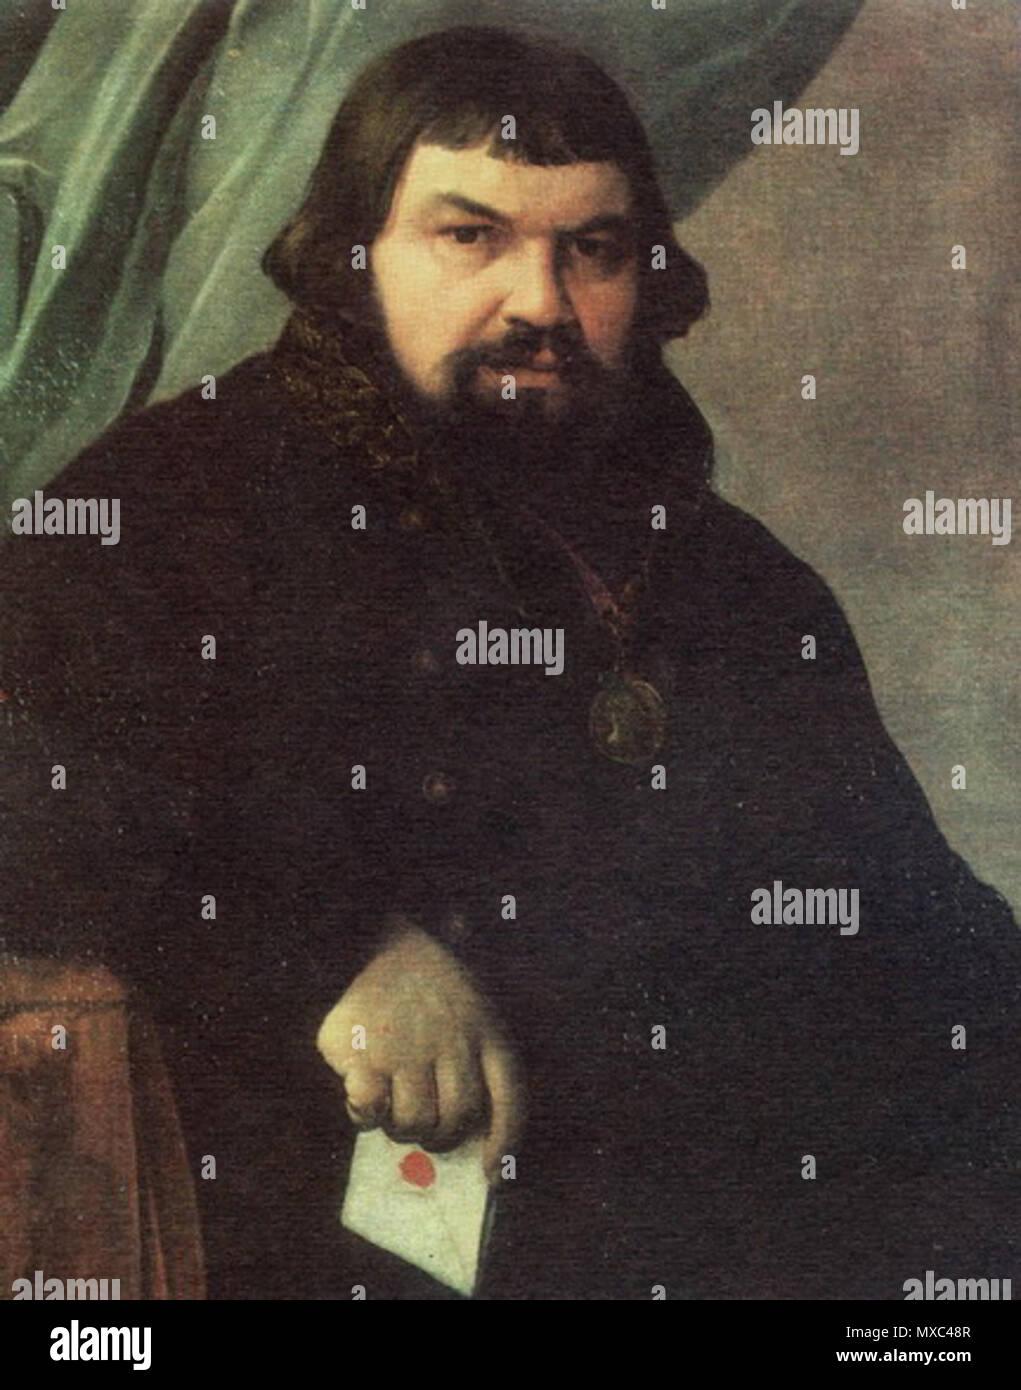 . Alexey Venetsianov. Portrait of the Merchant Obraztsov. 1830s. Oil on canvas. 1830s. Venetsianov 452 Obraztsov by Venetsianov - Stock Image